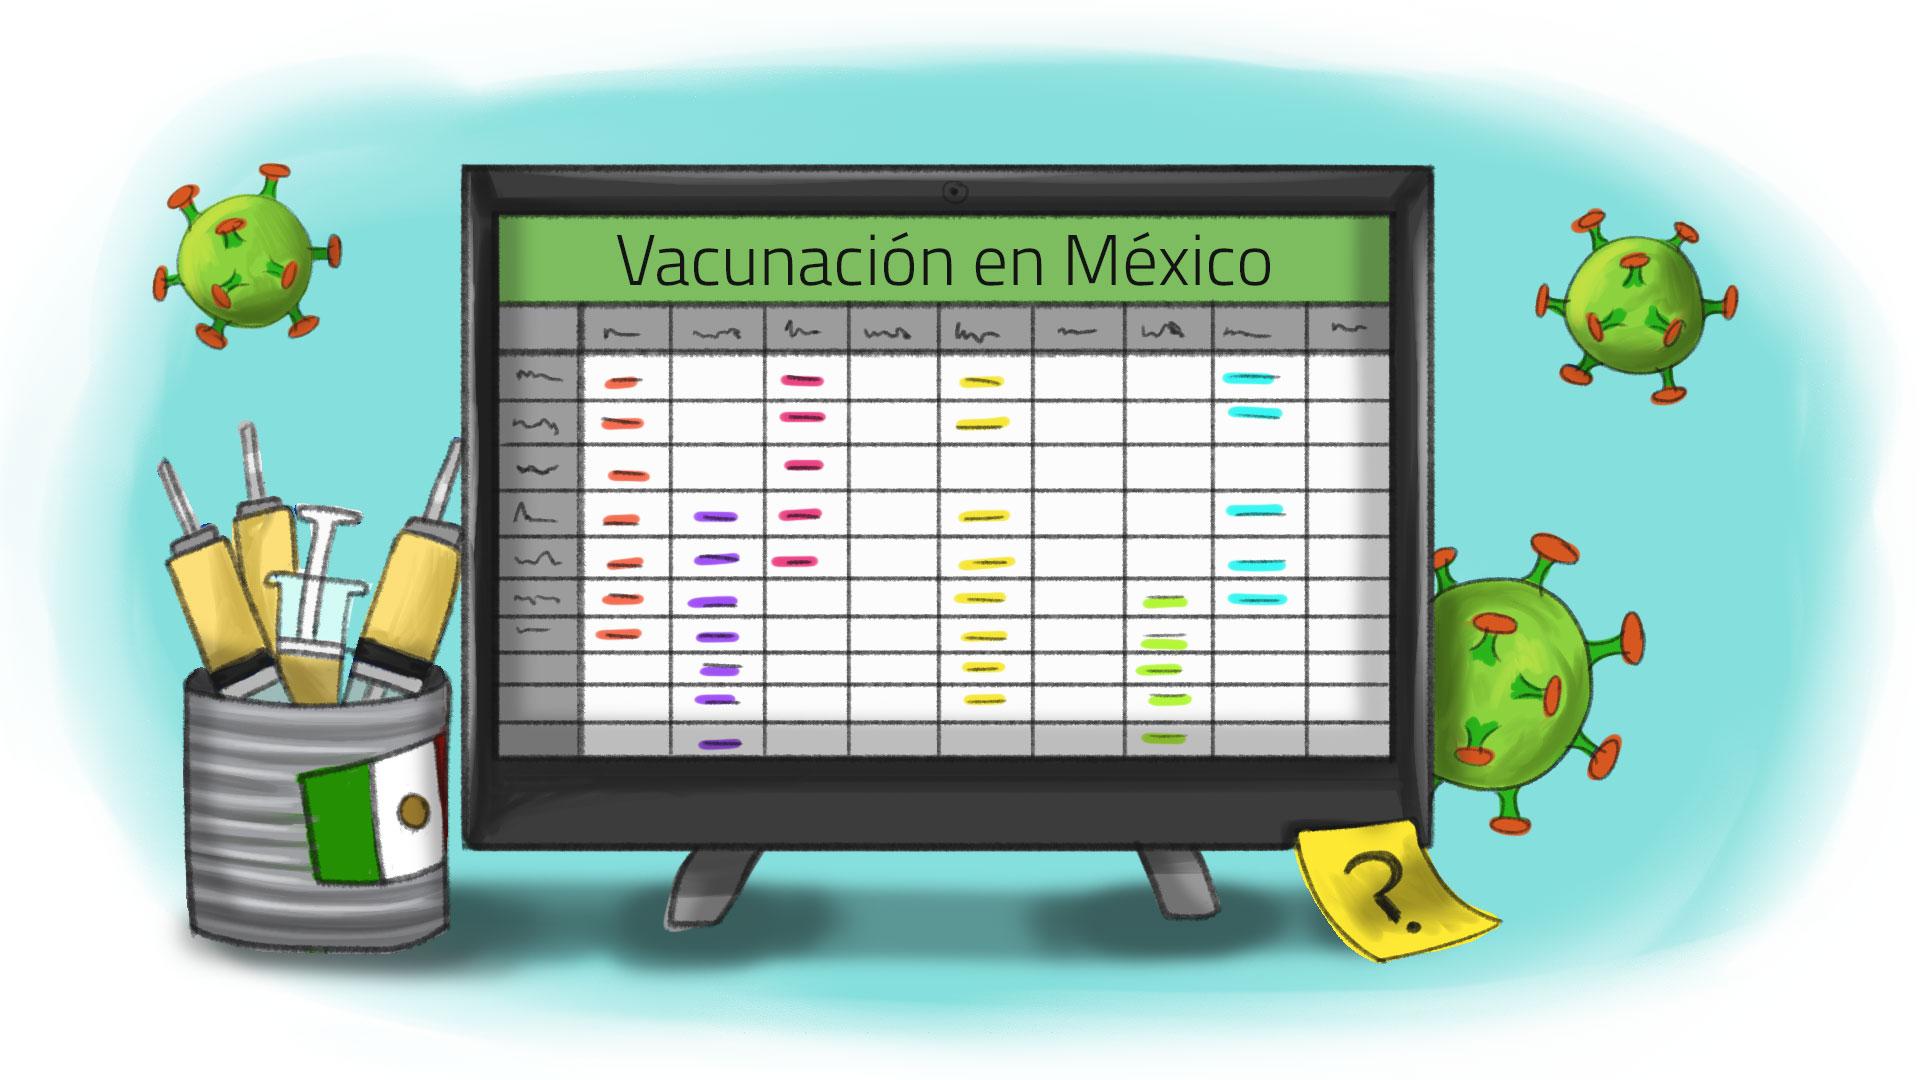 Datos del gobierno de México sobre vacunación contra COVID